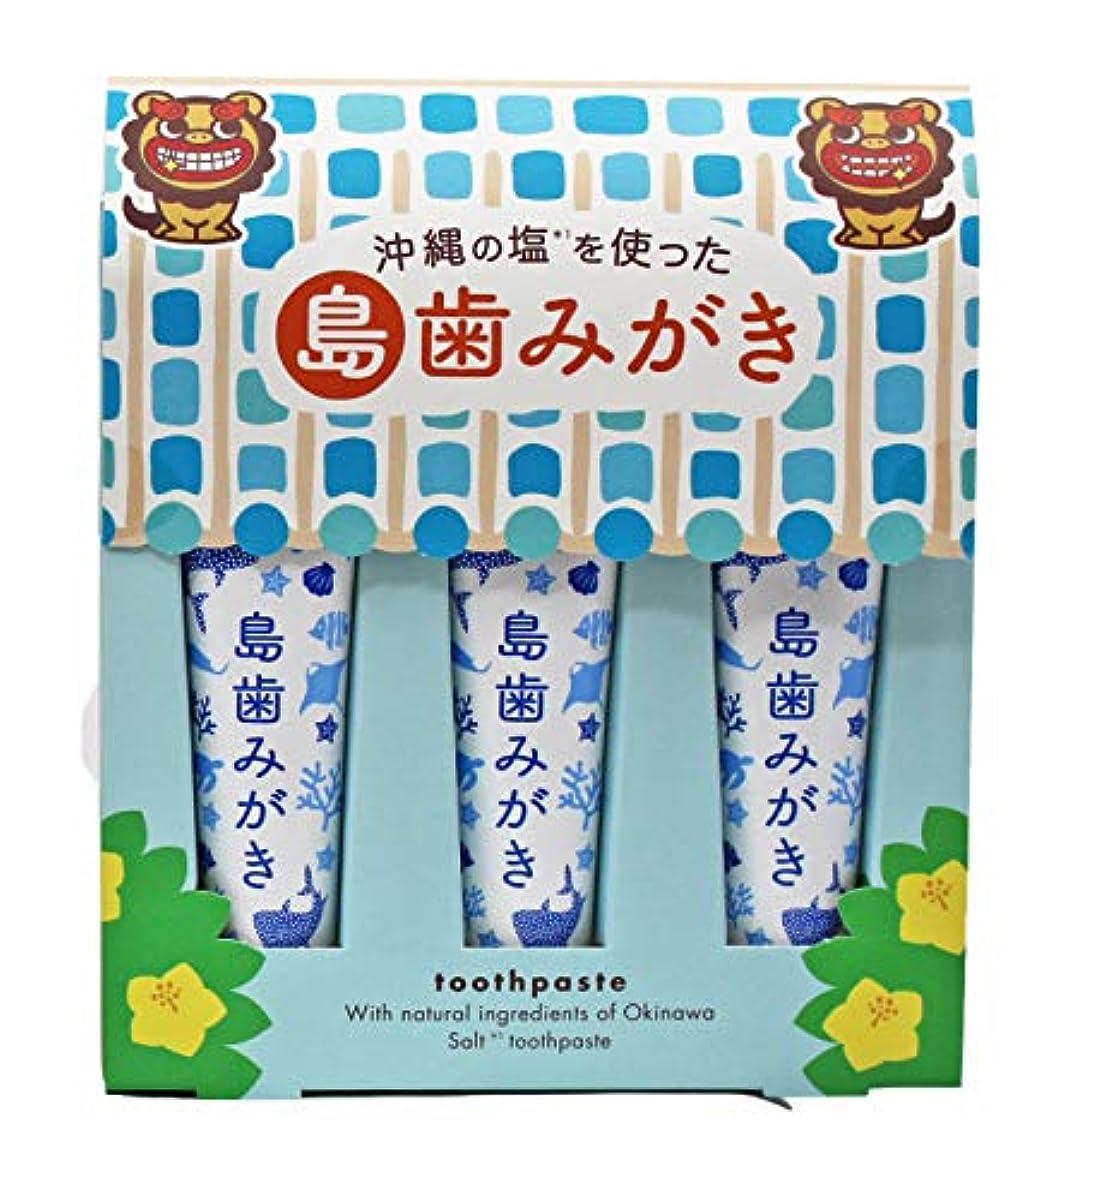 ワーム遅らせる答え沖縄の塩を使った島歯みがき (藍色) 15g×3本入り